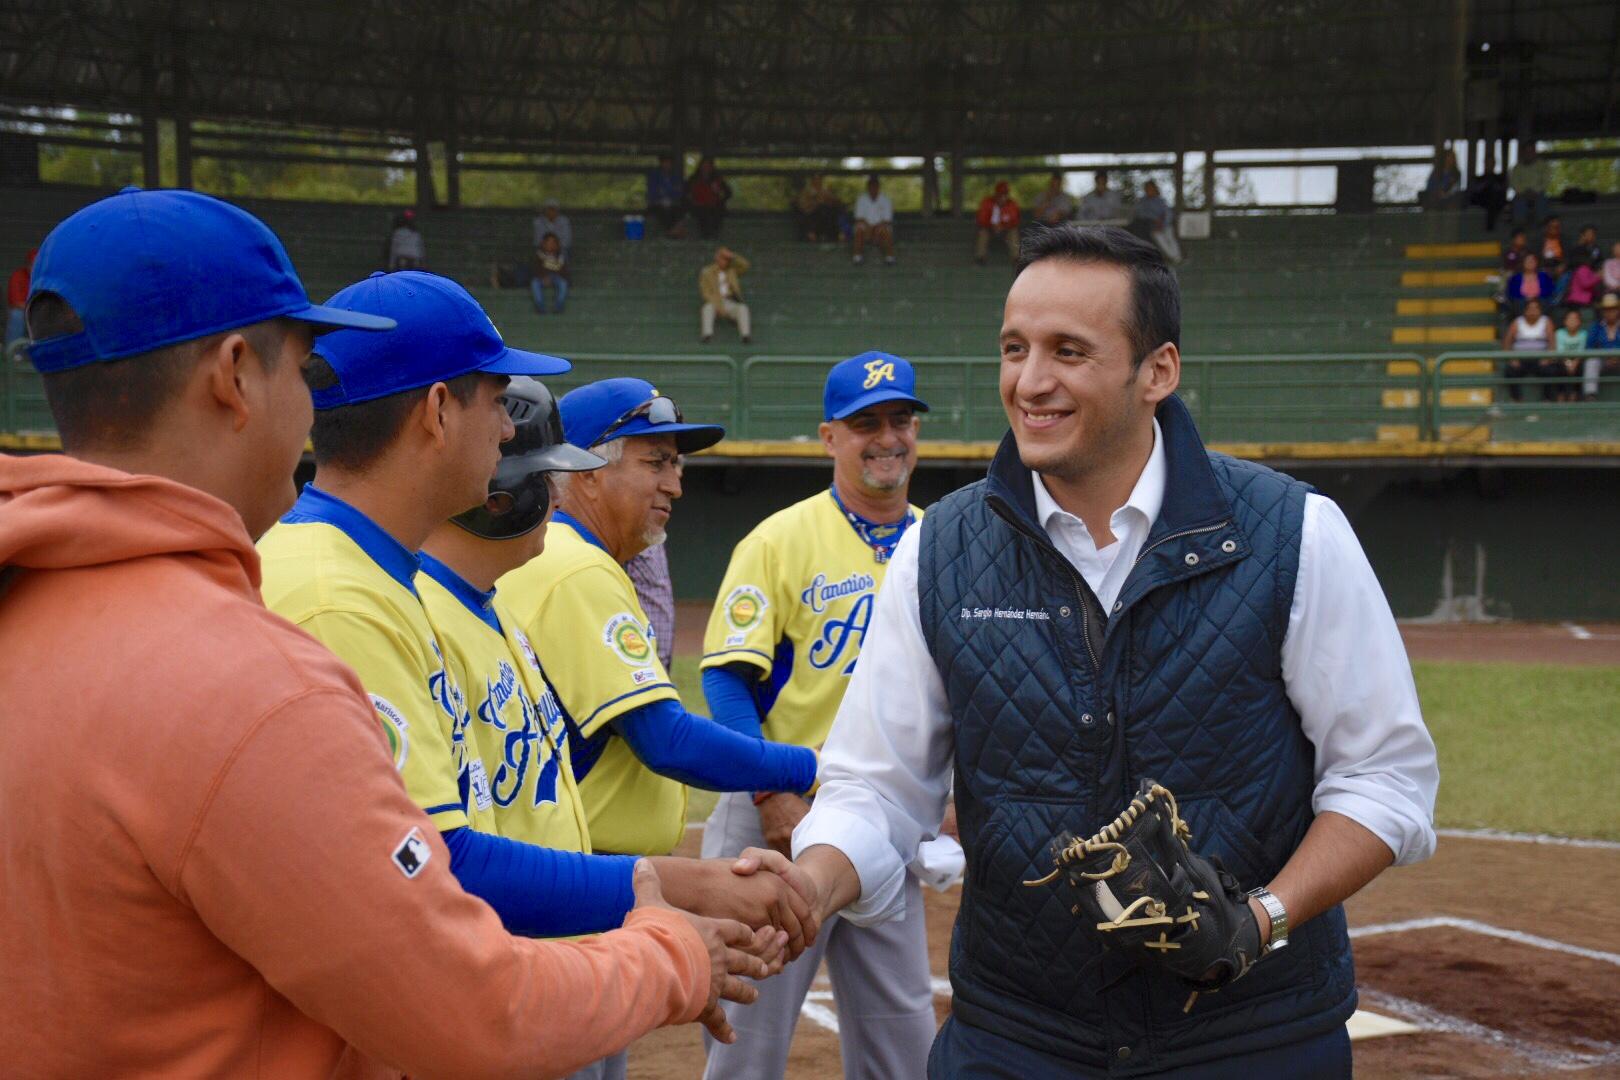 Reitera diputado Sergio Hernández compromiso con el deporte y la educación